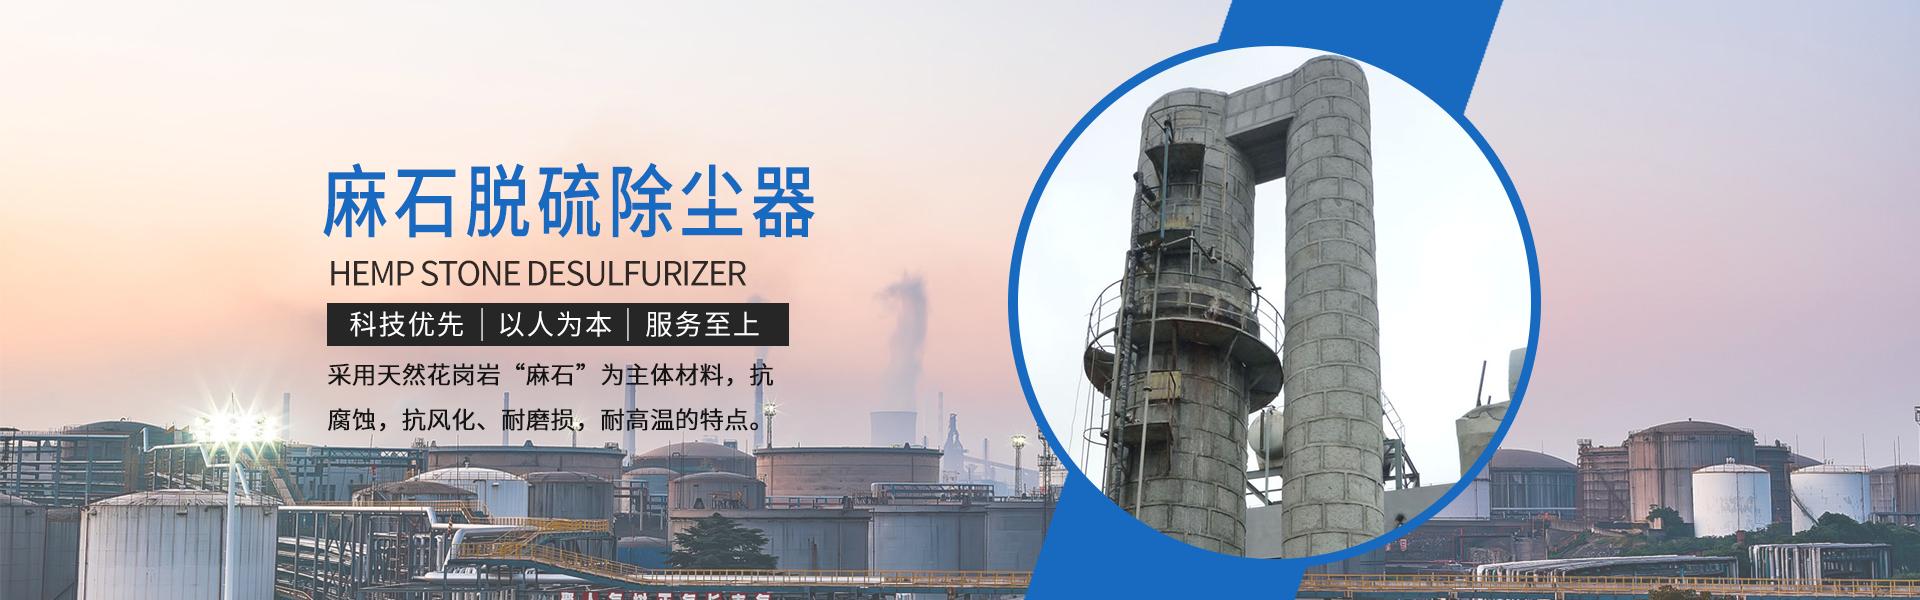 广西脱硫净化塔生产厂家